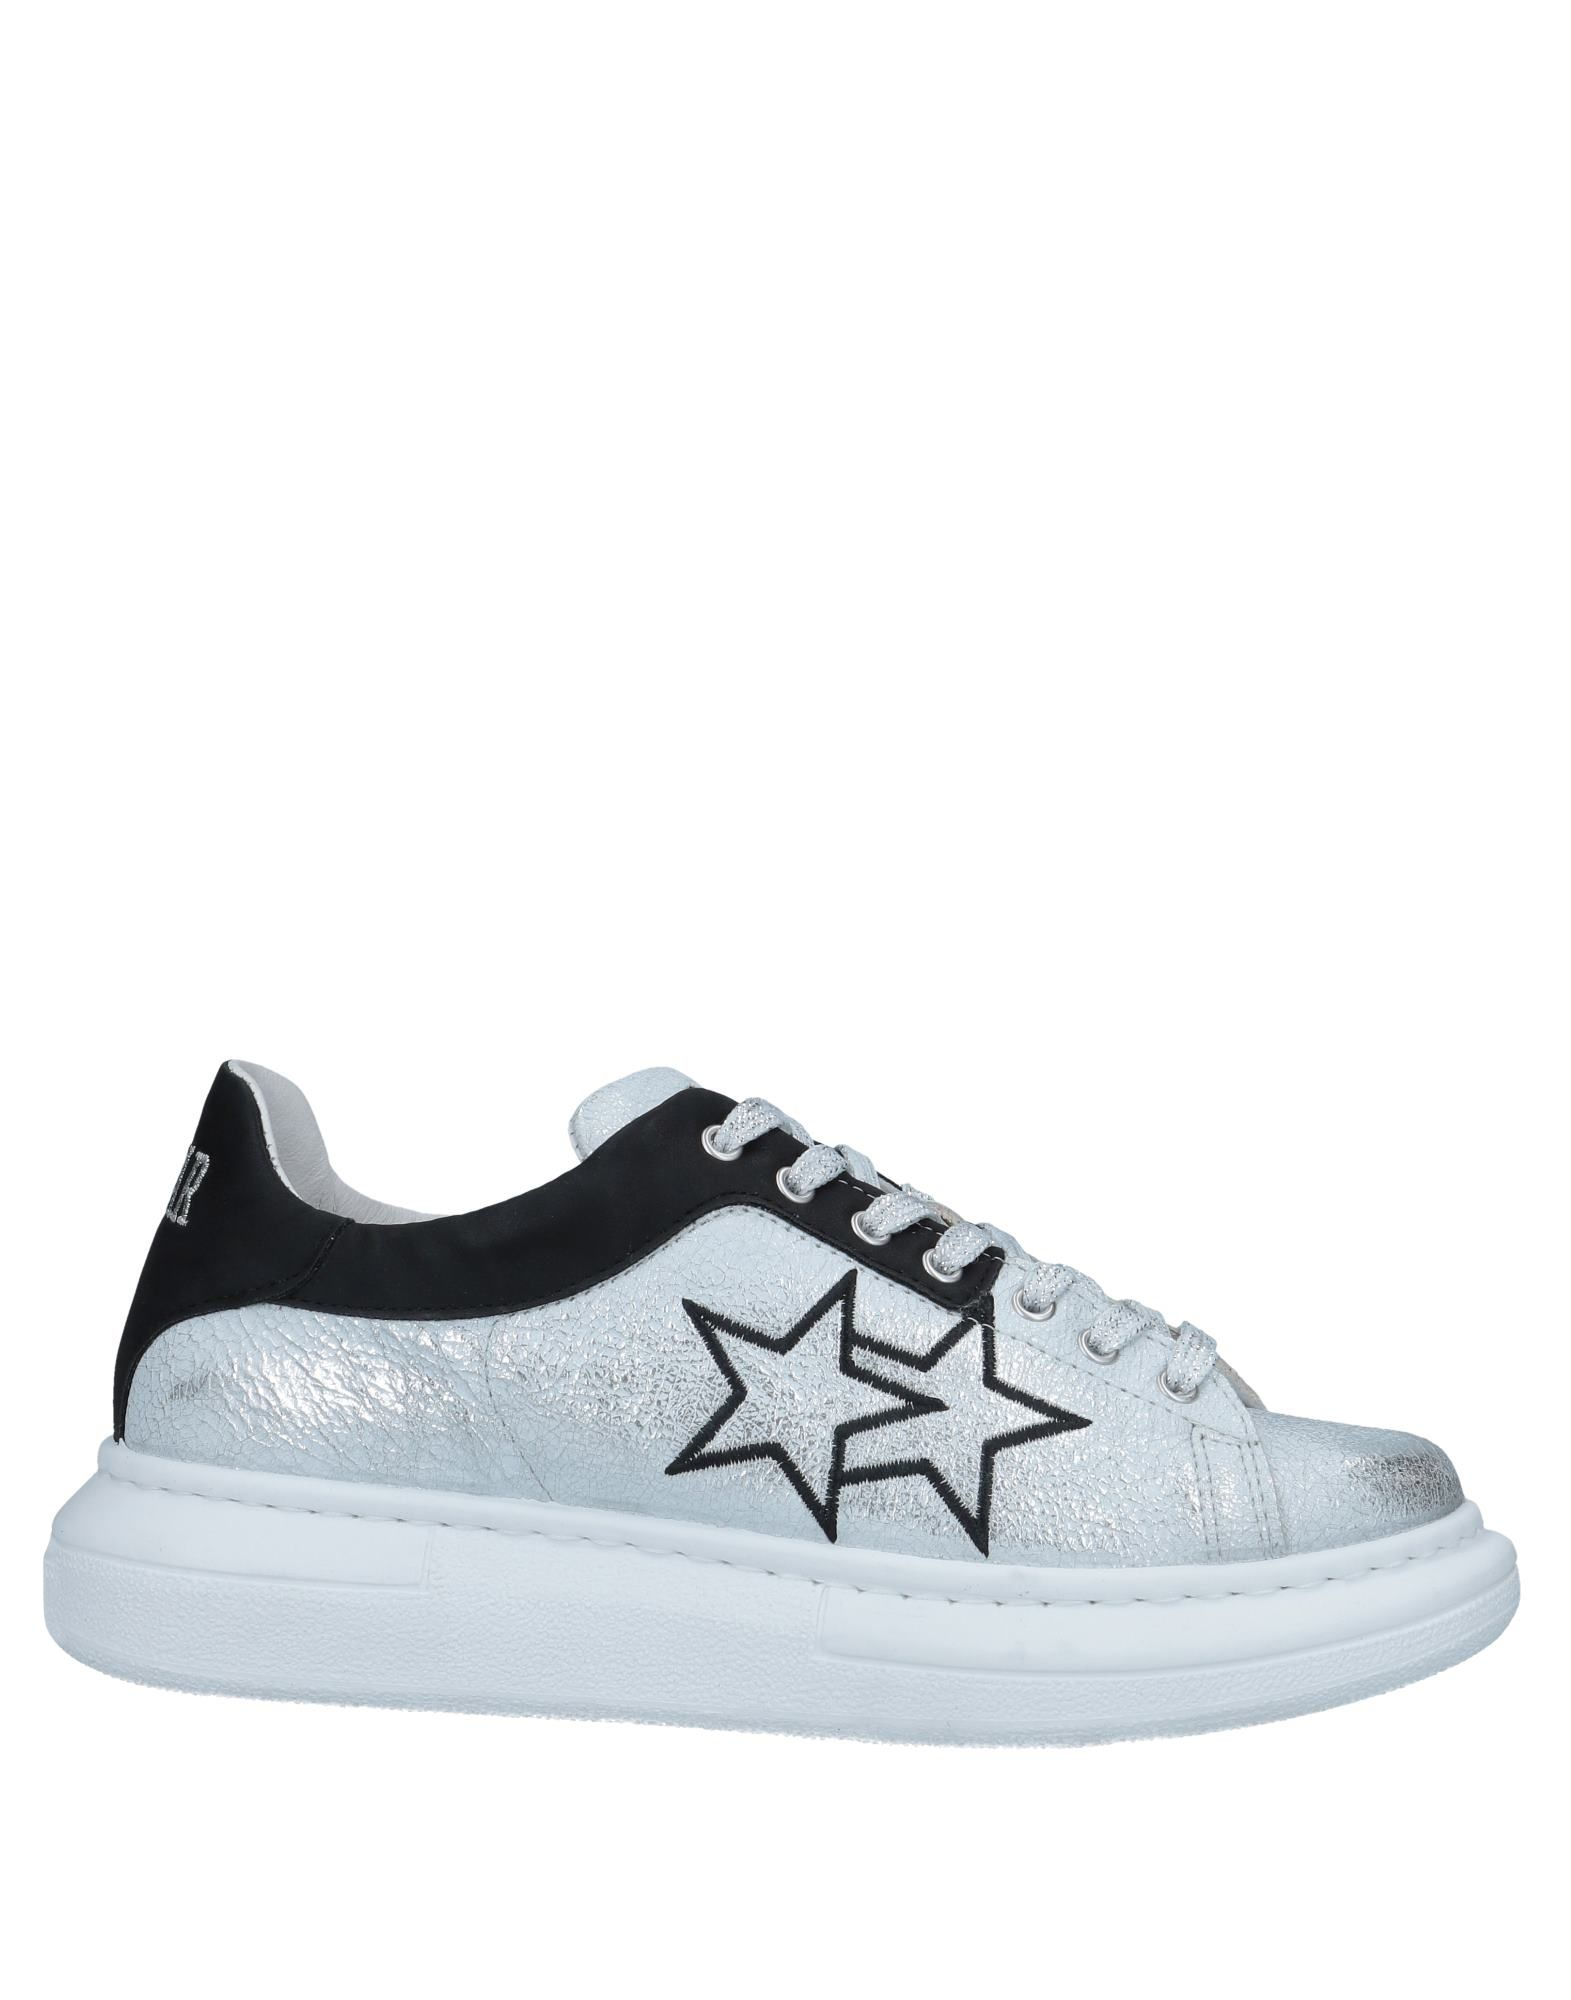 Sneakers 2Star Donna - 11547967VO Scarpe economiche e buone